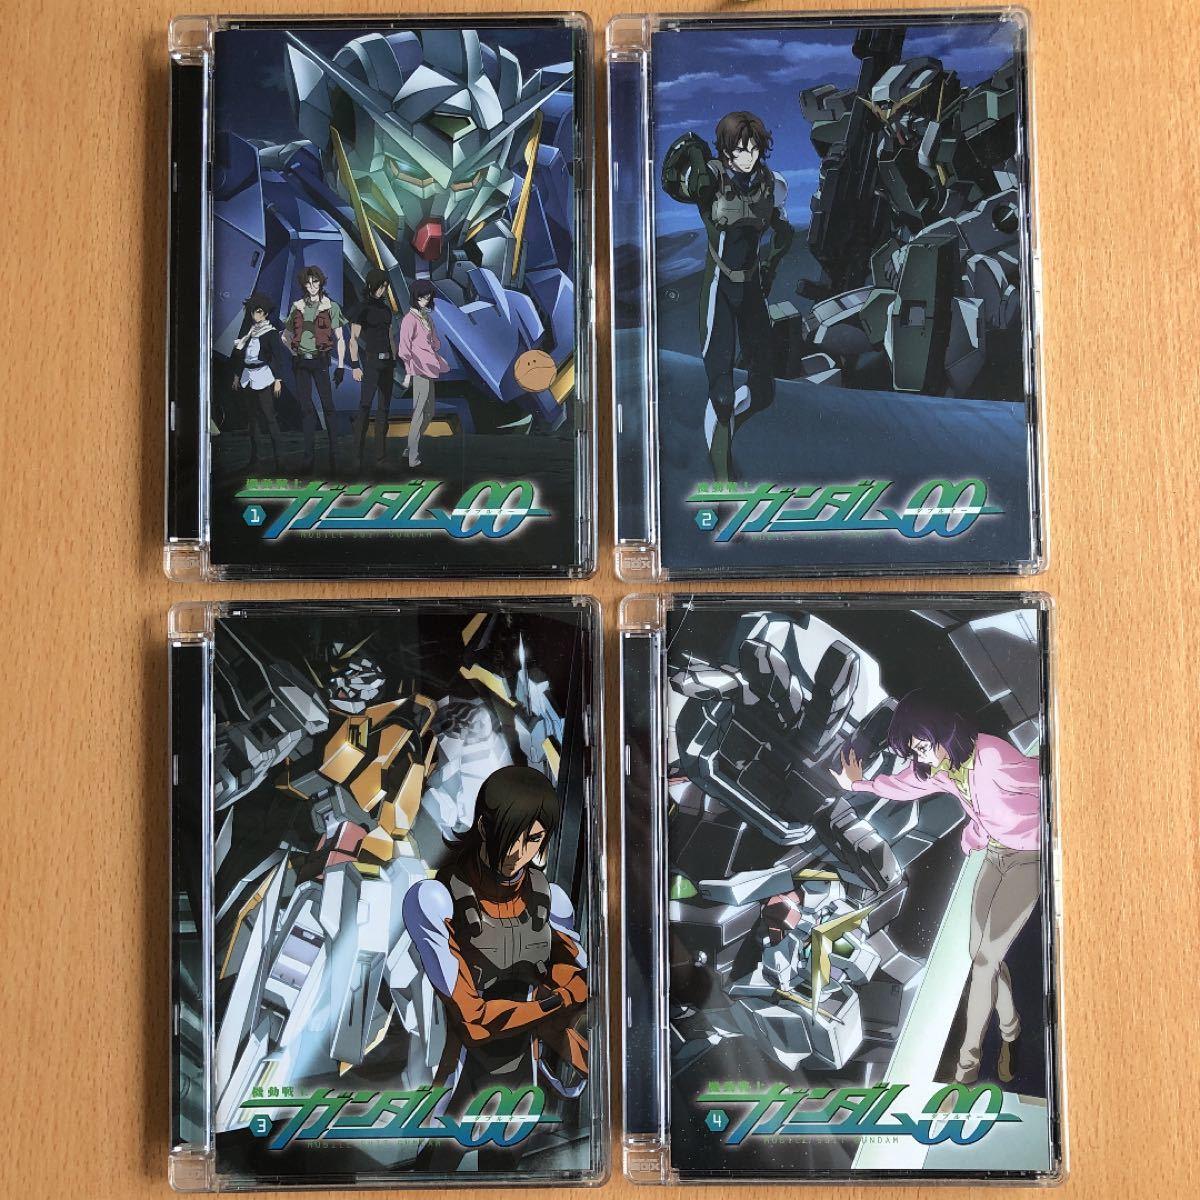 機動戦士ガンダムOO DVD 1 2 3 4巻 ダブルオー